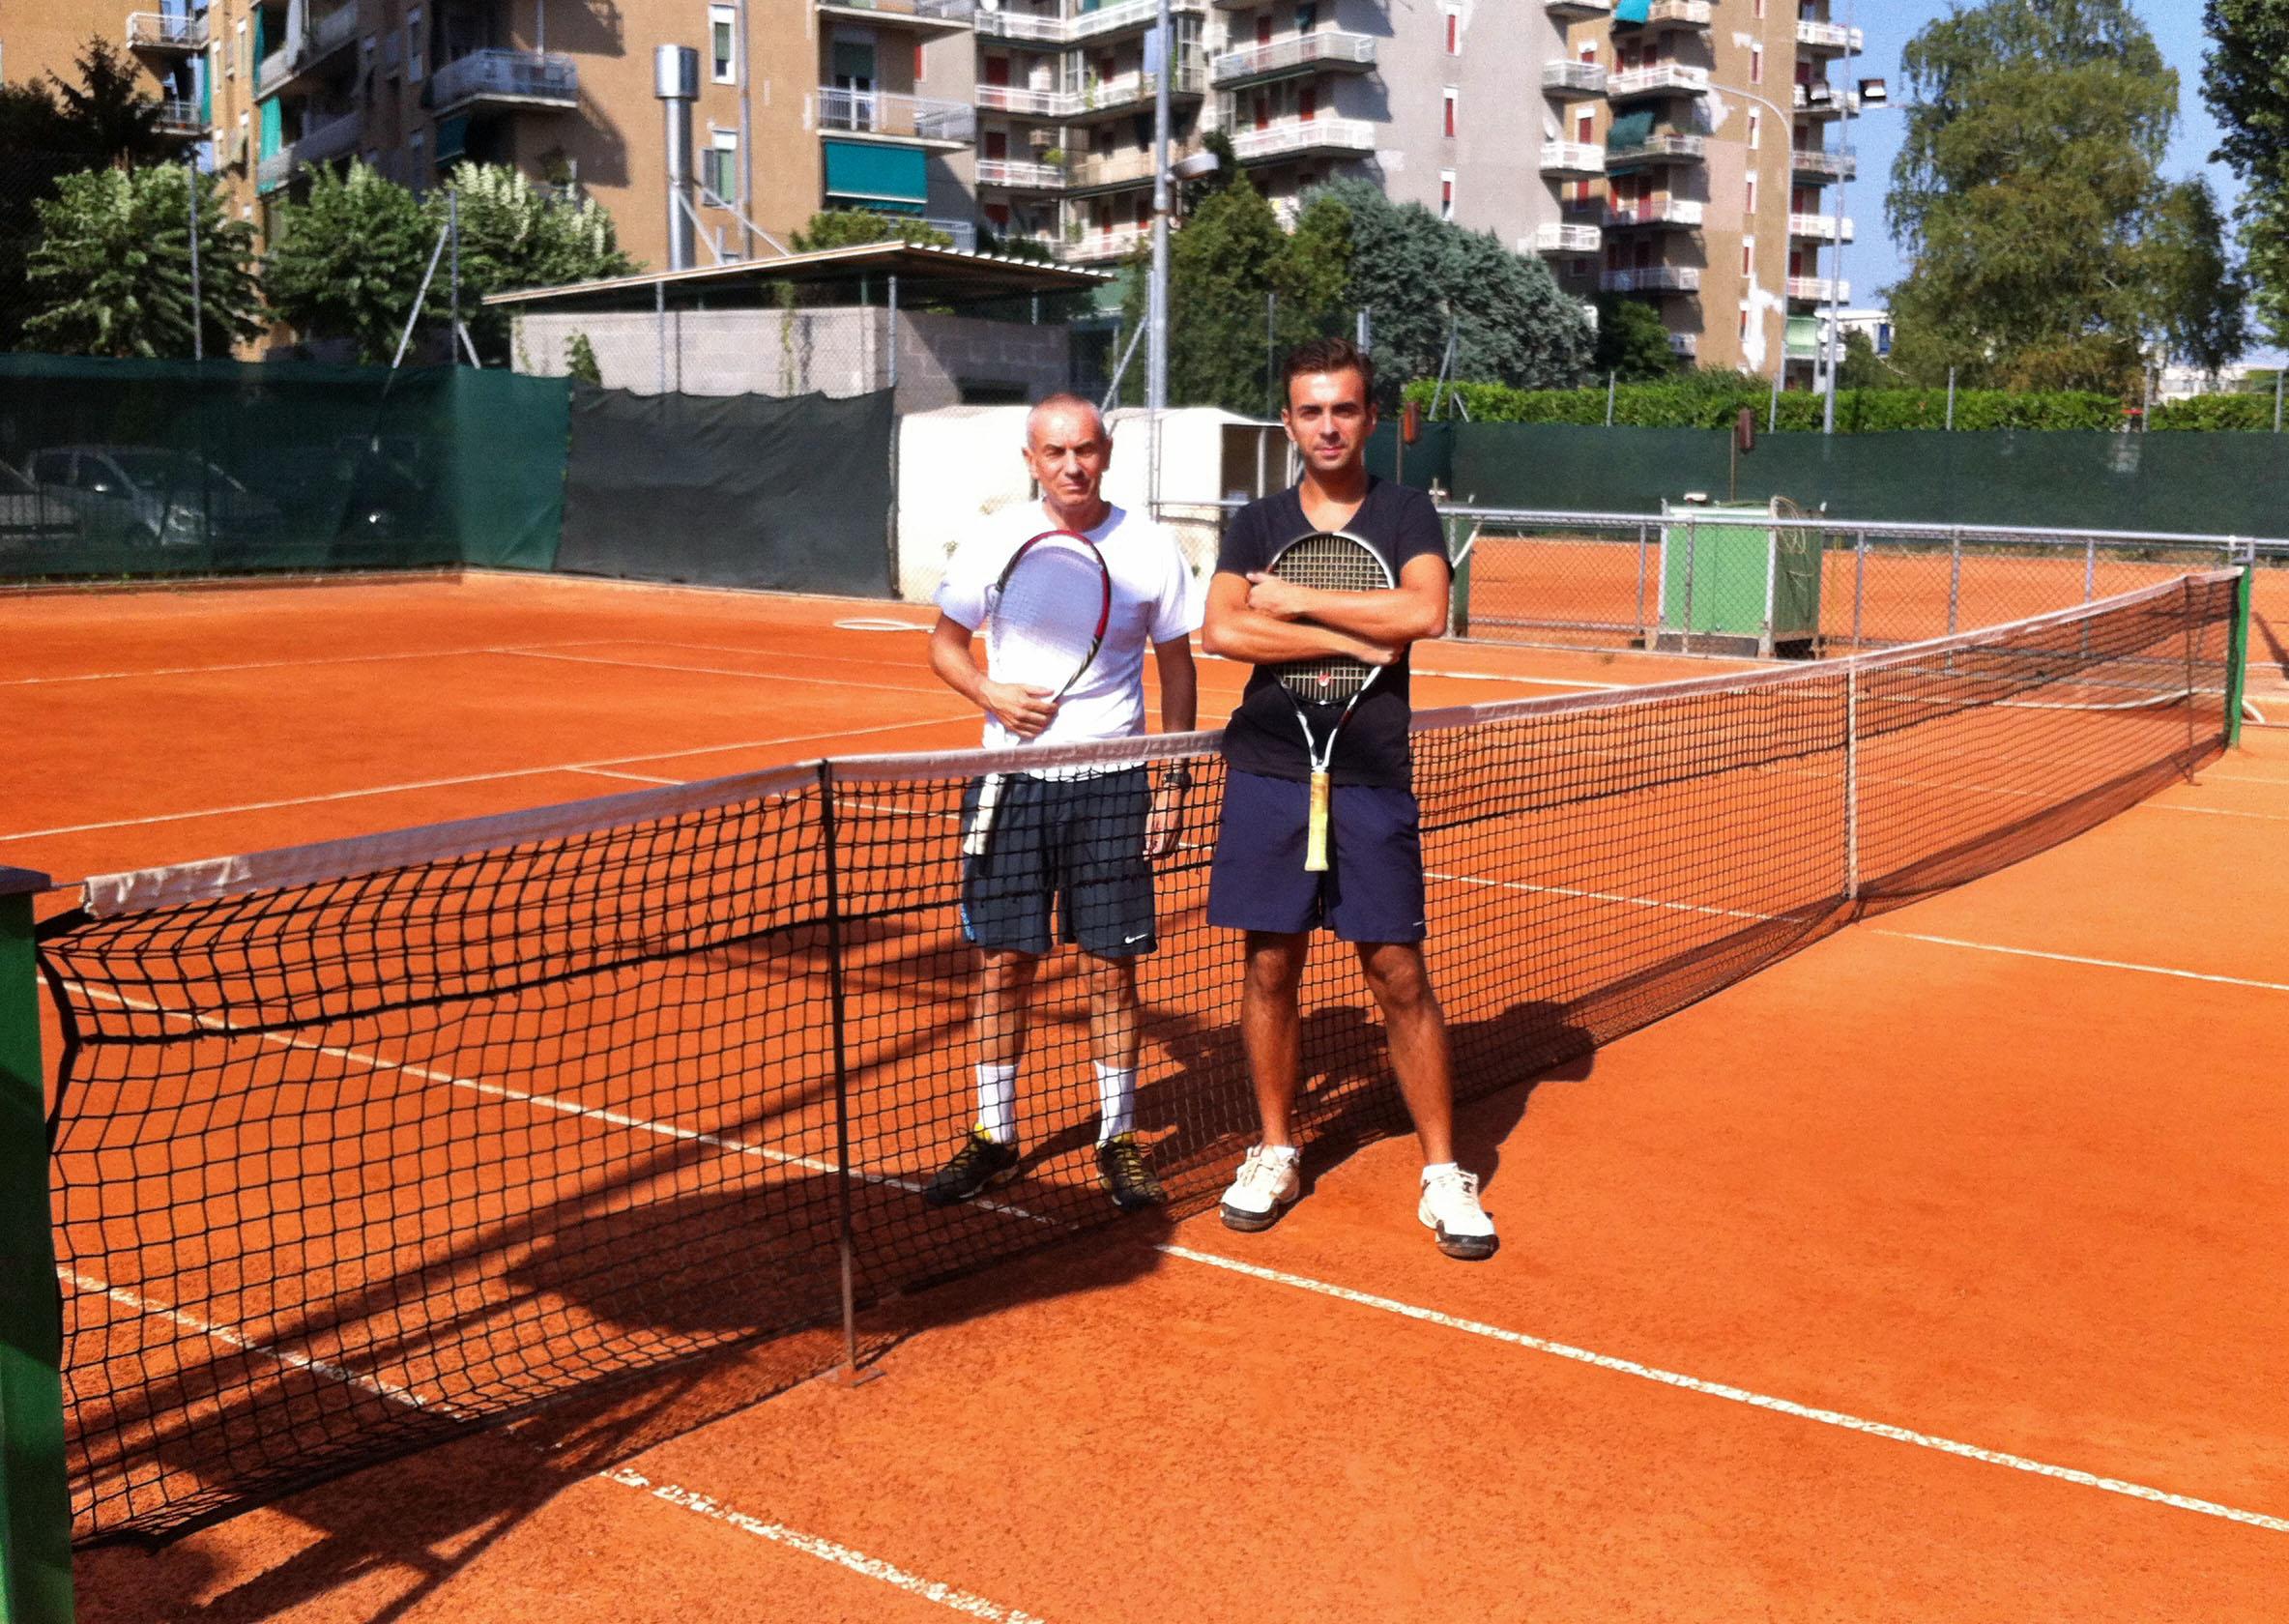 Concluso il torneo Tennis Città di Pioltello